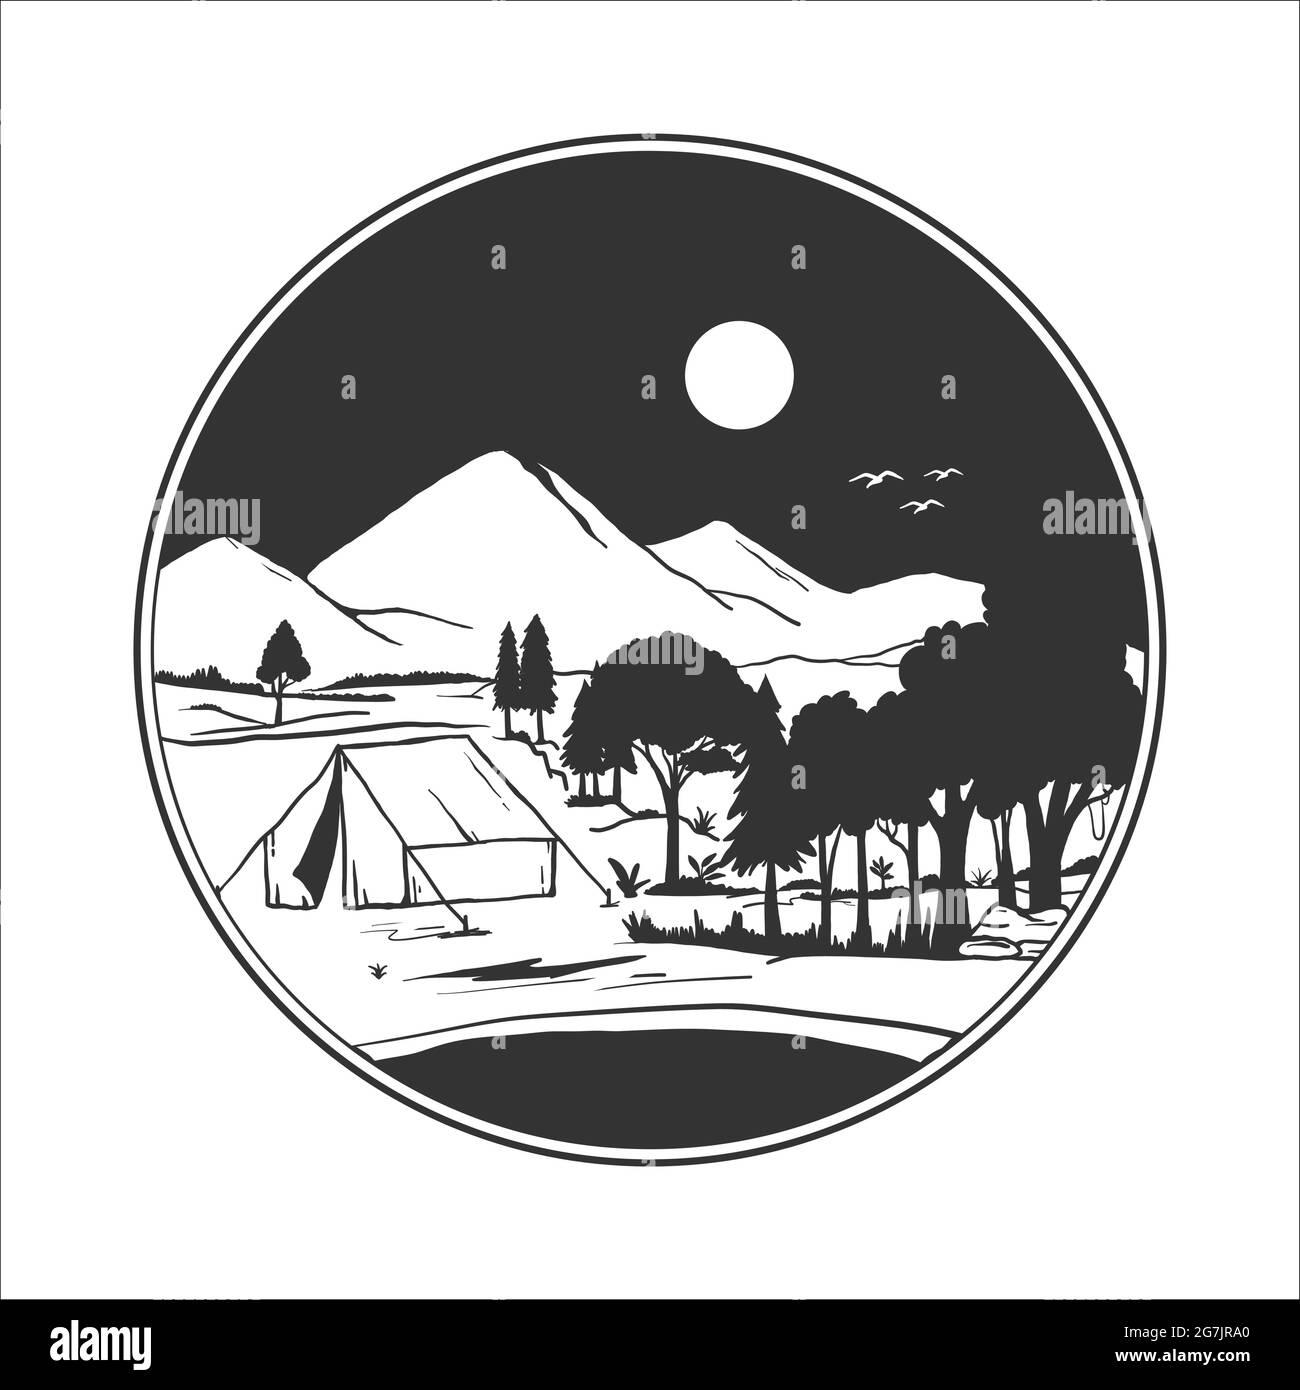 badge de camping silhouette. illustration vectorielle du camping dans les montagnes sauvages Illustration de Vecteur